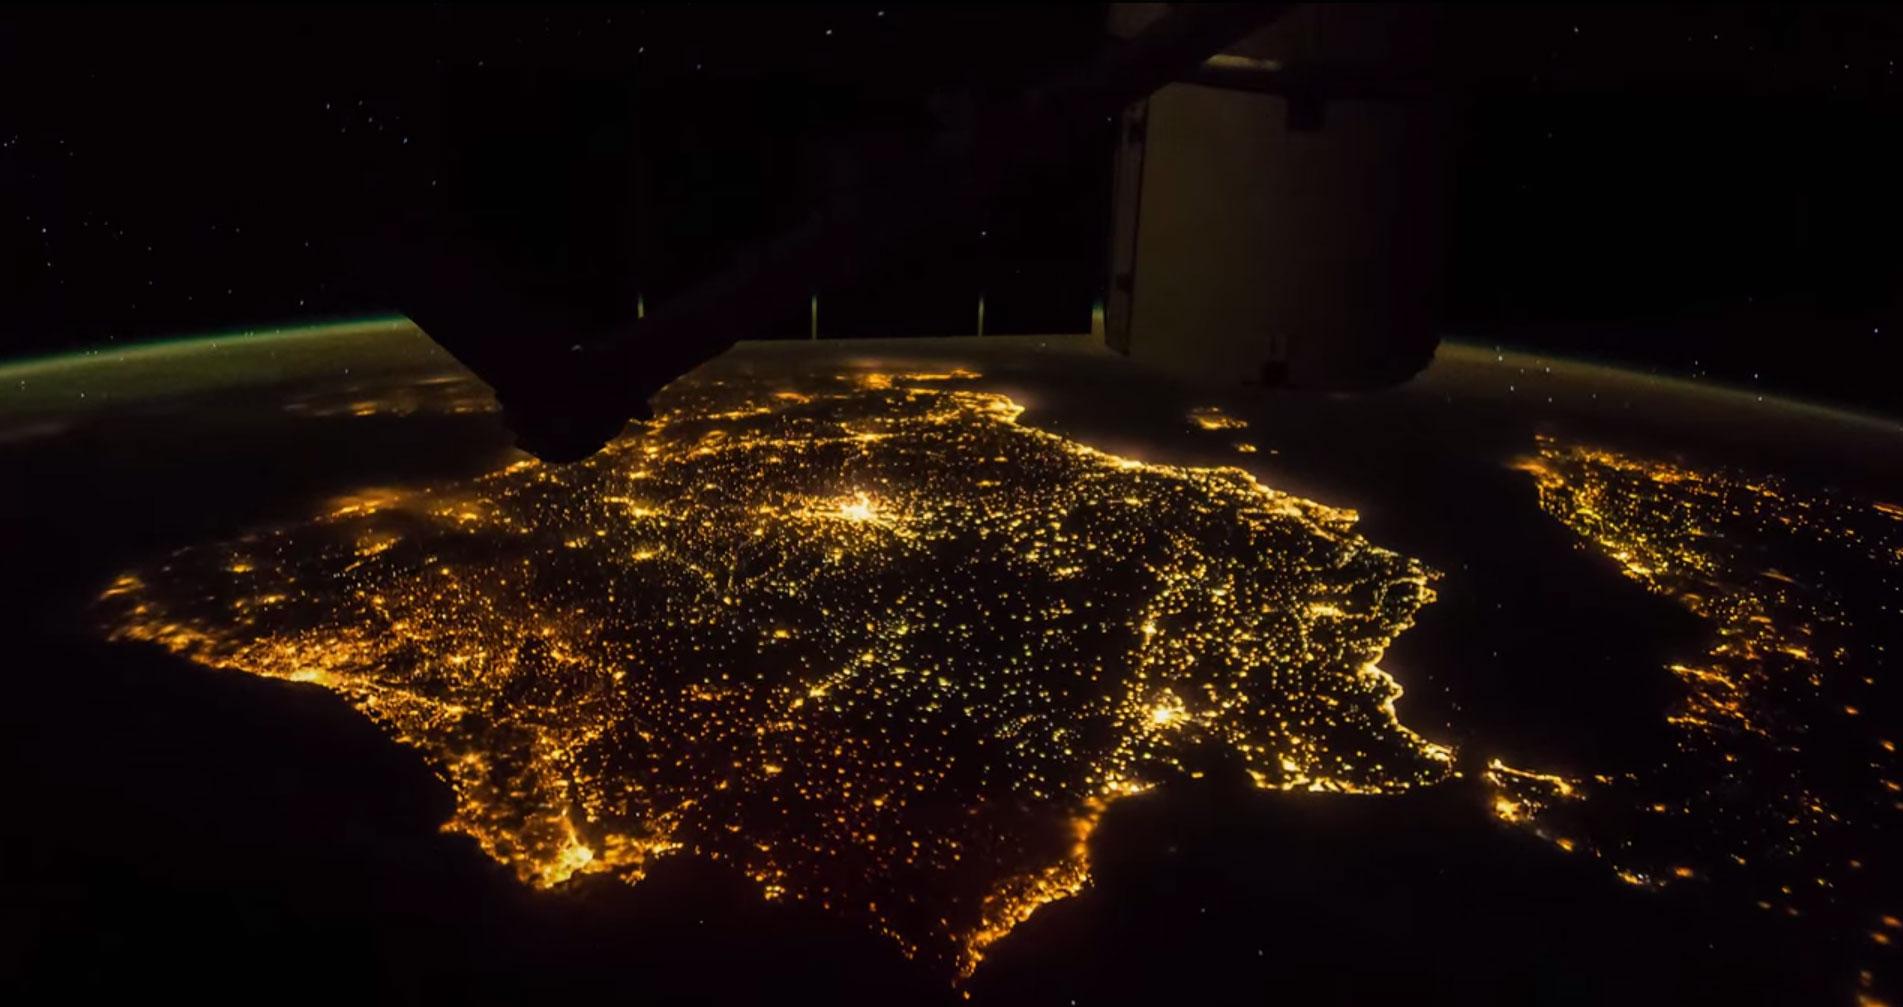 Europa desde la estación espacial (vídeo)